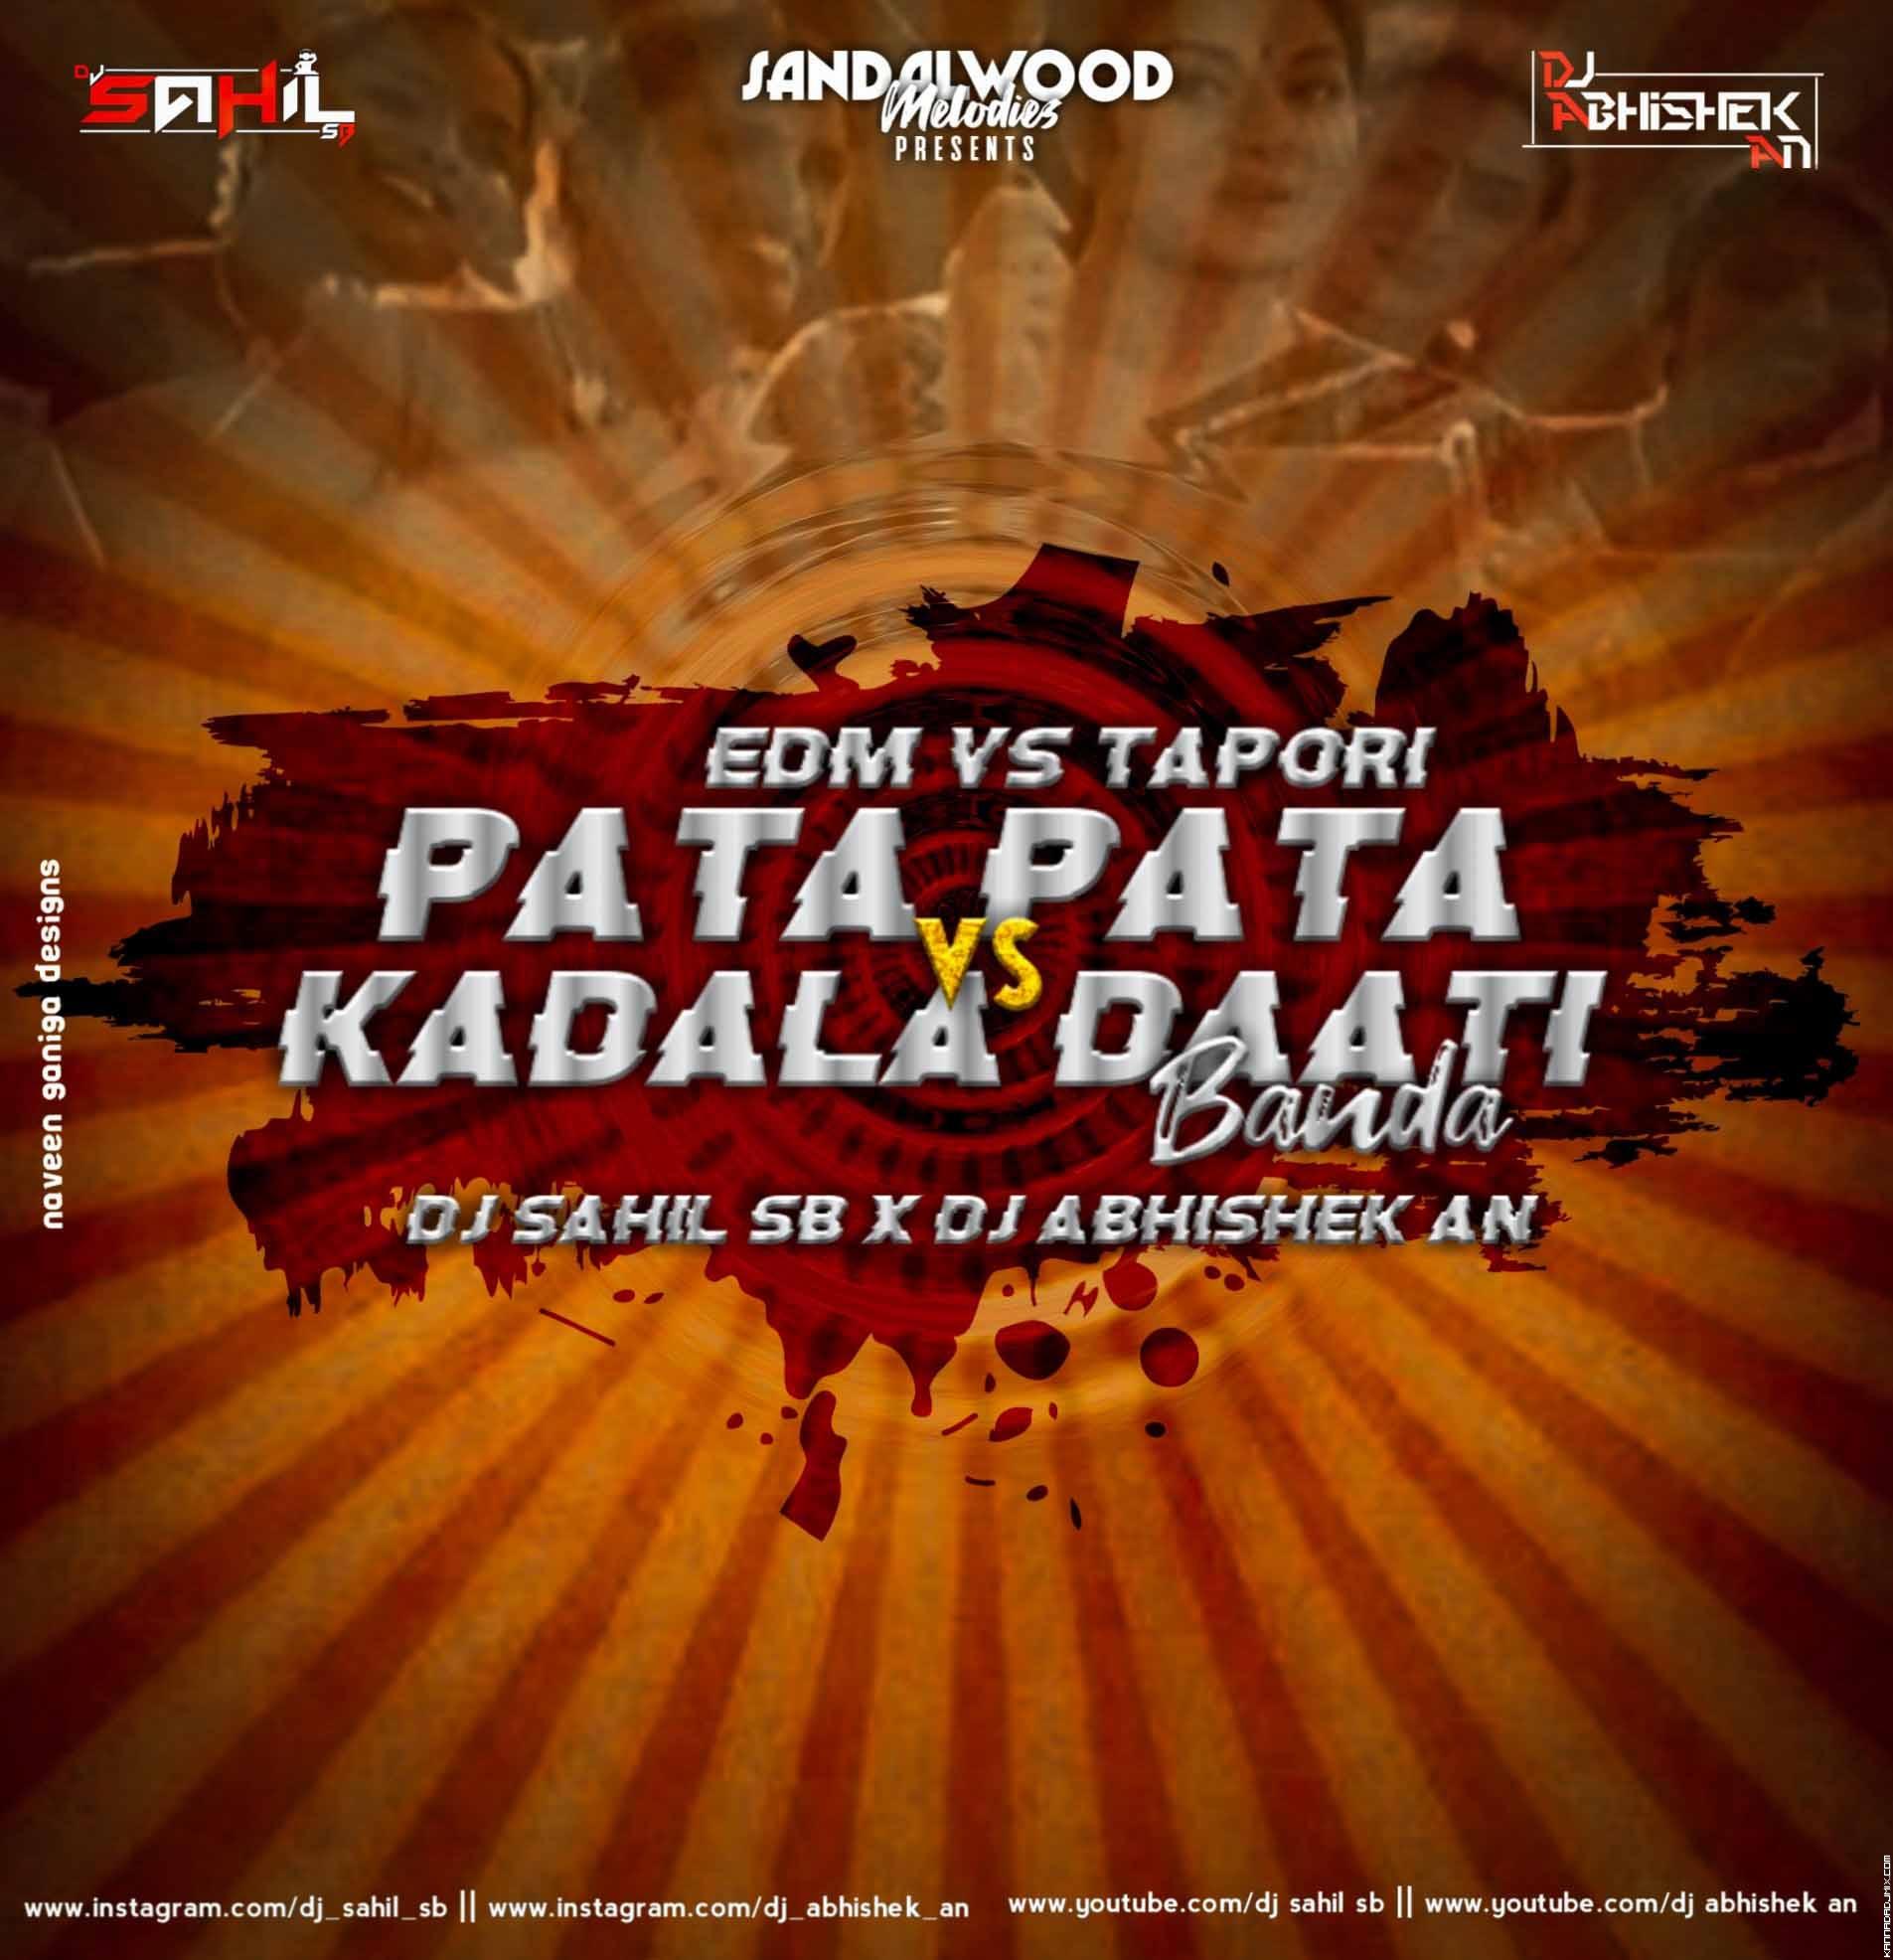 PATA PATA VS KADALU DATIBANDA DJ ABHISHEK AN & DJ SAHIL SB.mp3